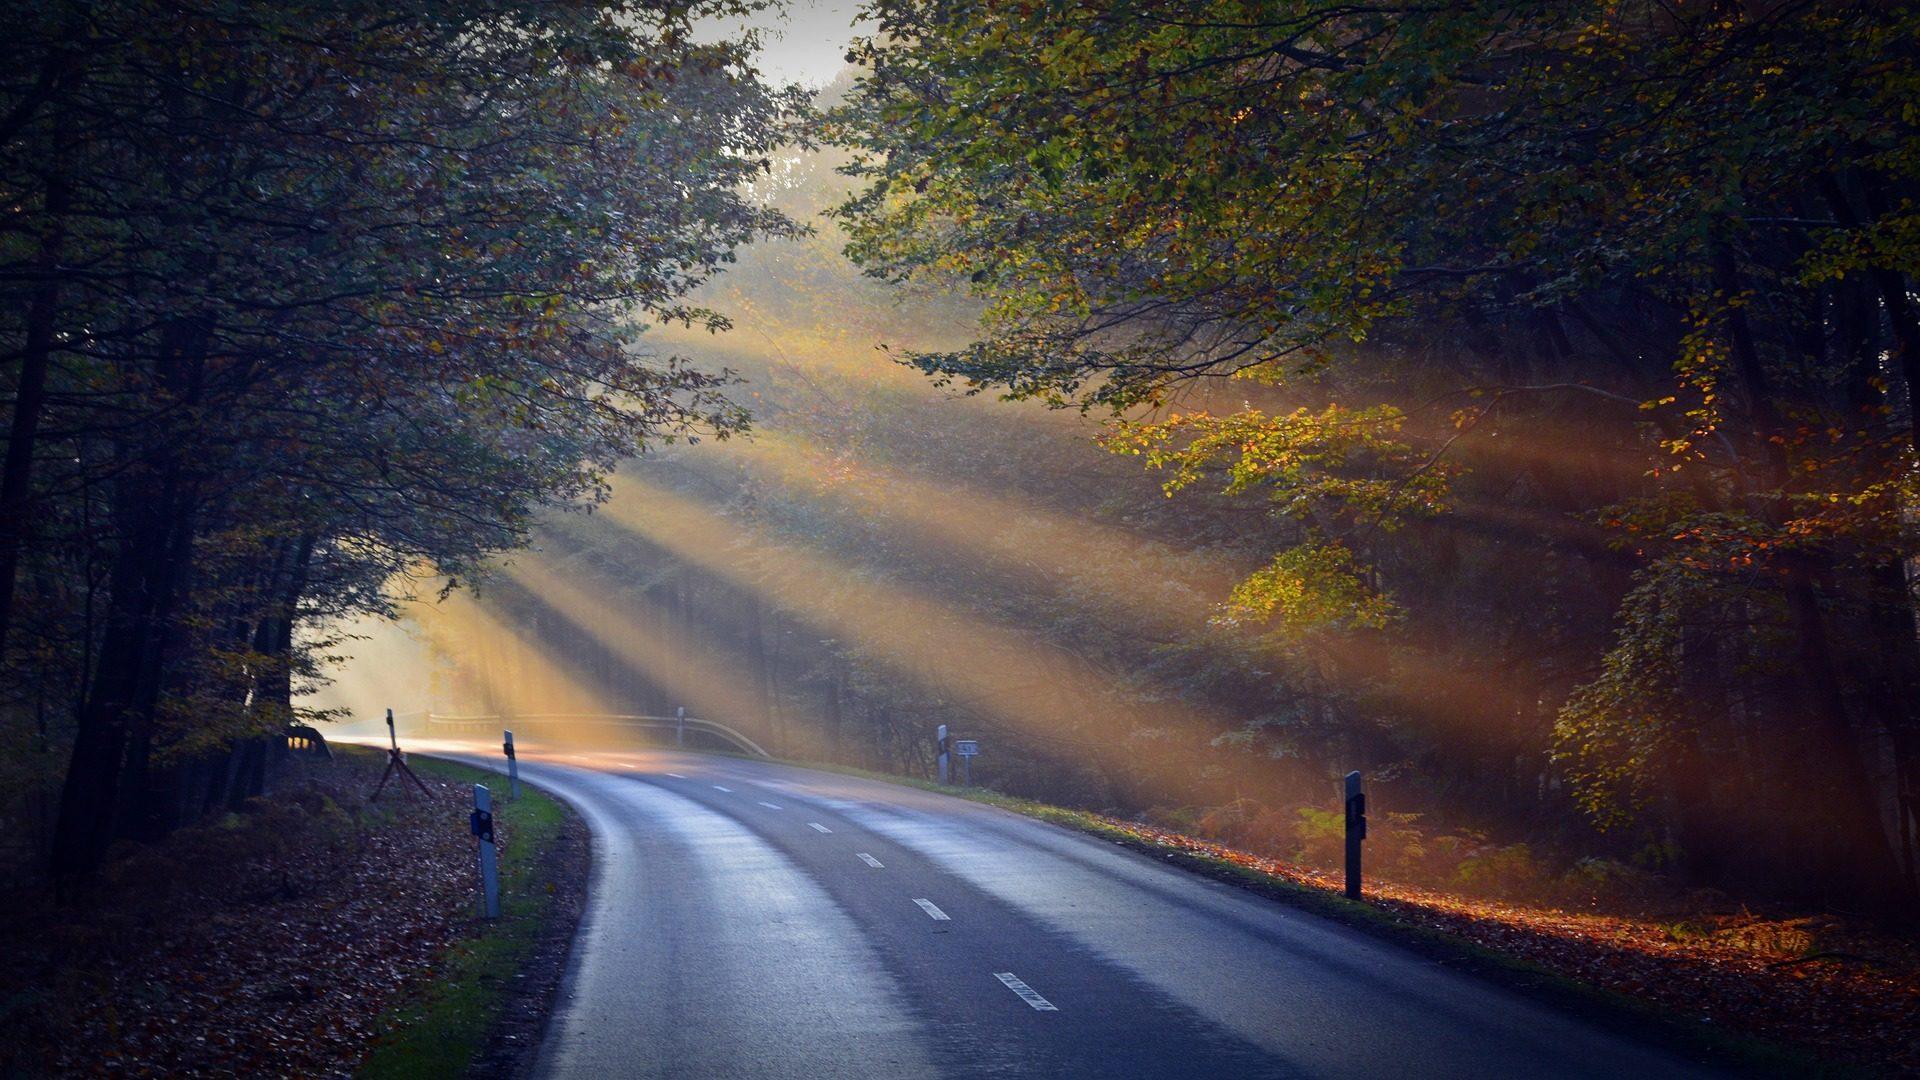 الطريق, الأسفلت, الغابات, أشعة, الشمس, هالات, الضوء - خلفيات عالية الدقة - أستاذ falken.com